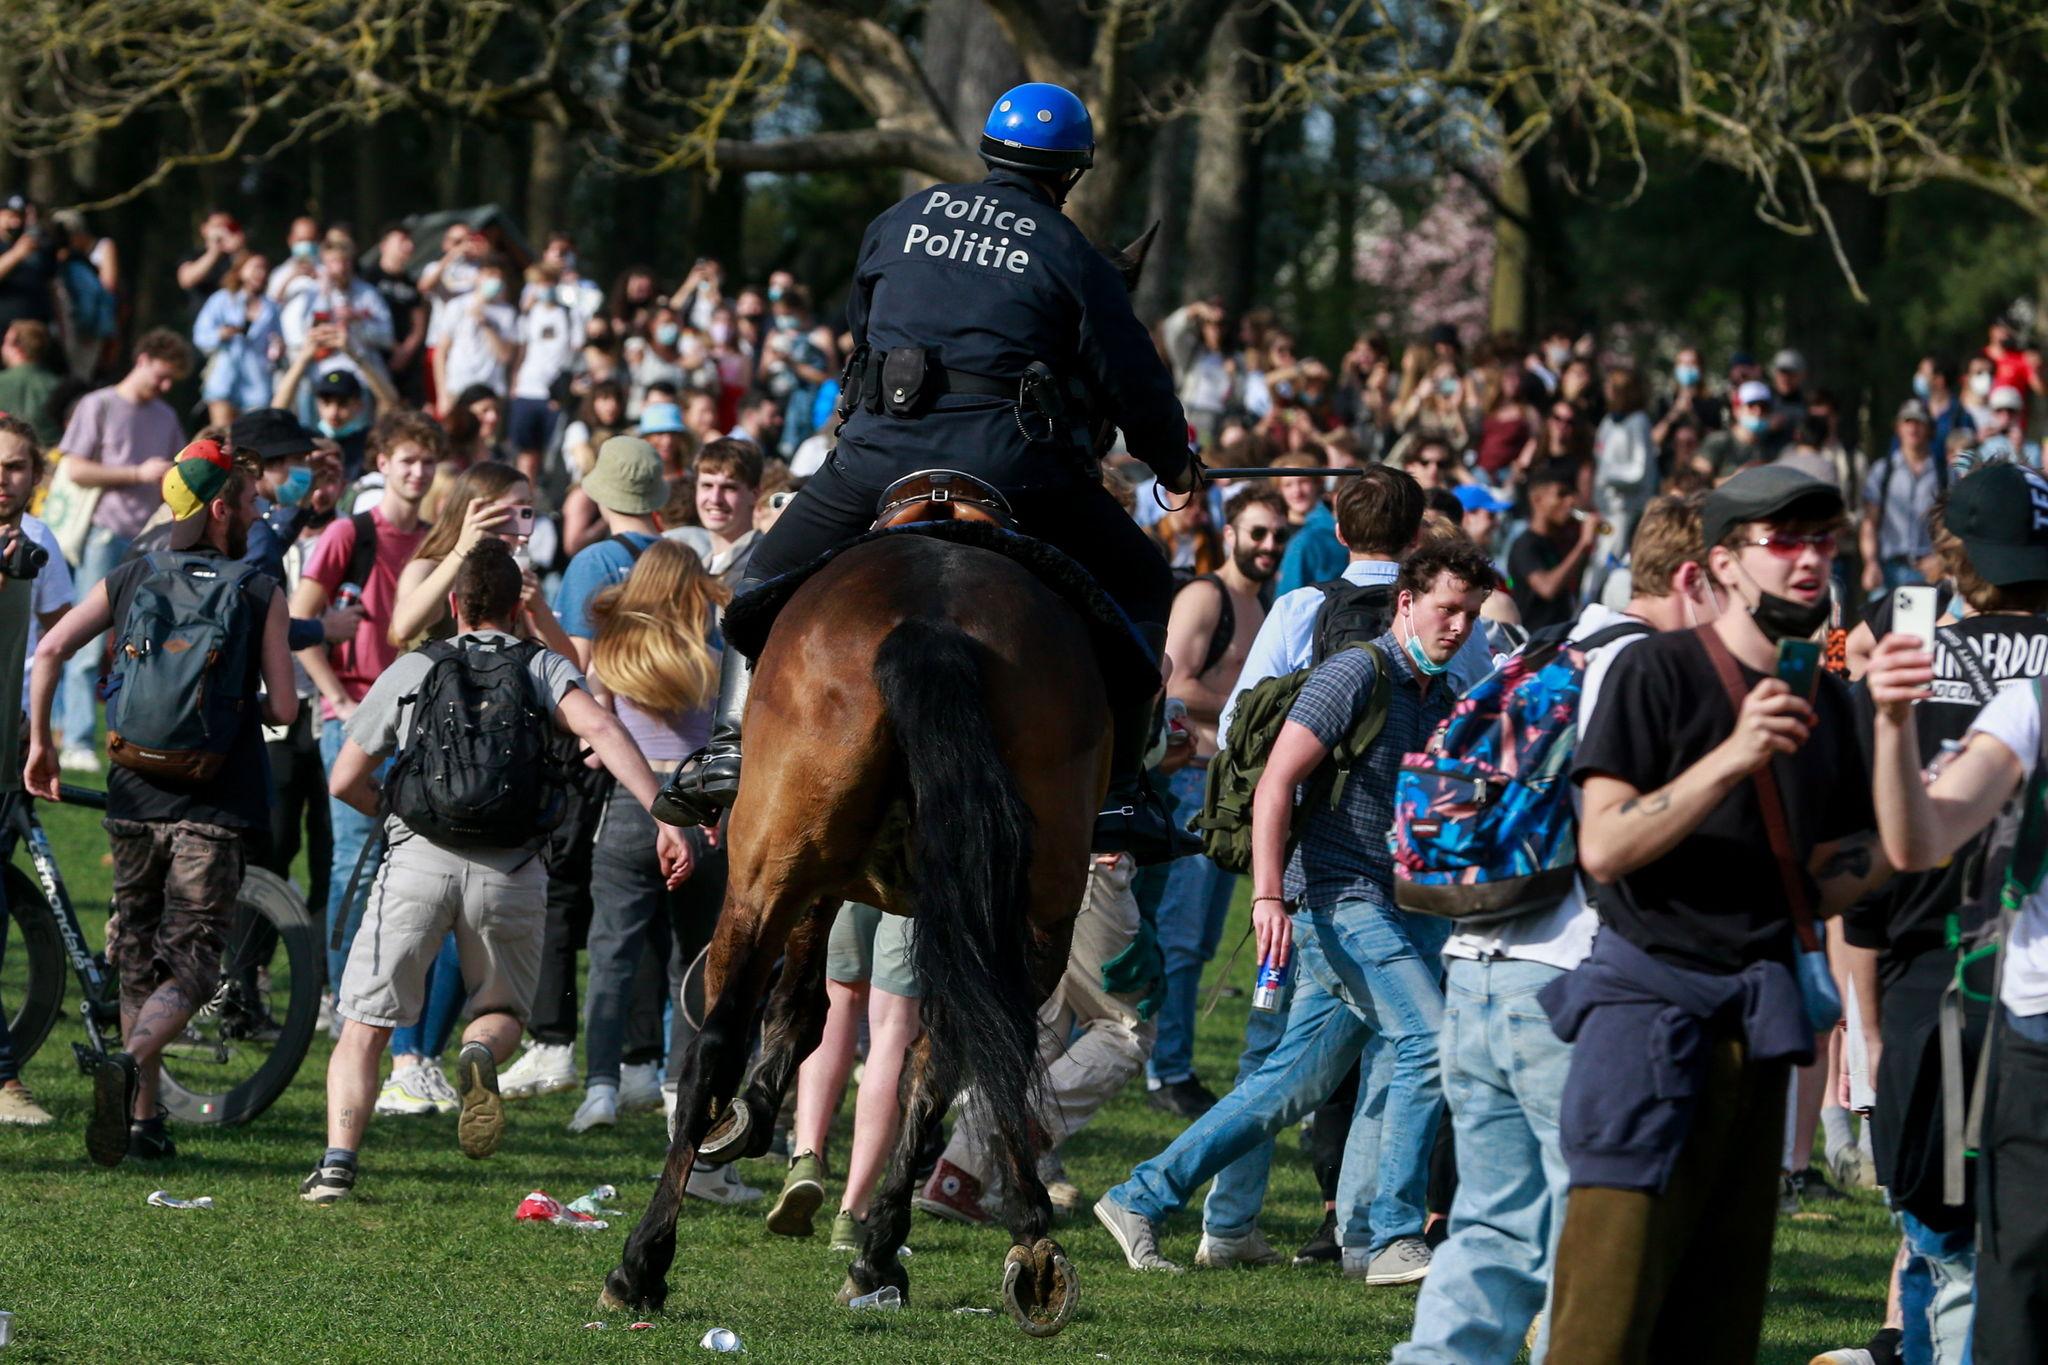 Momento de la carga a caballo de la policía de Bruselas par dispersar una macrofiesta, el pasado jueves.